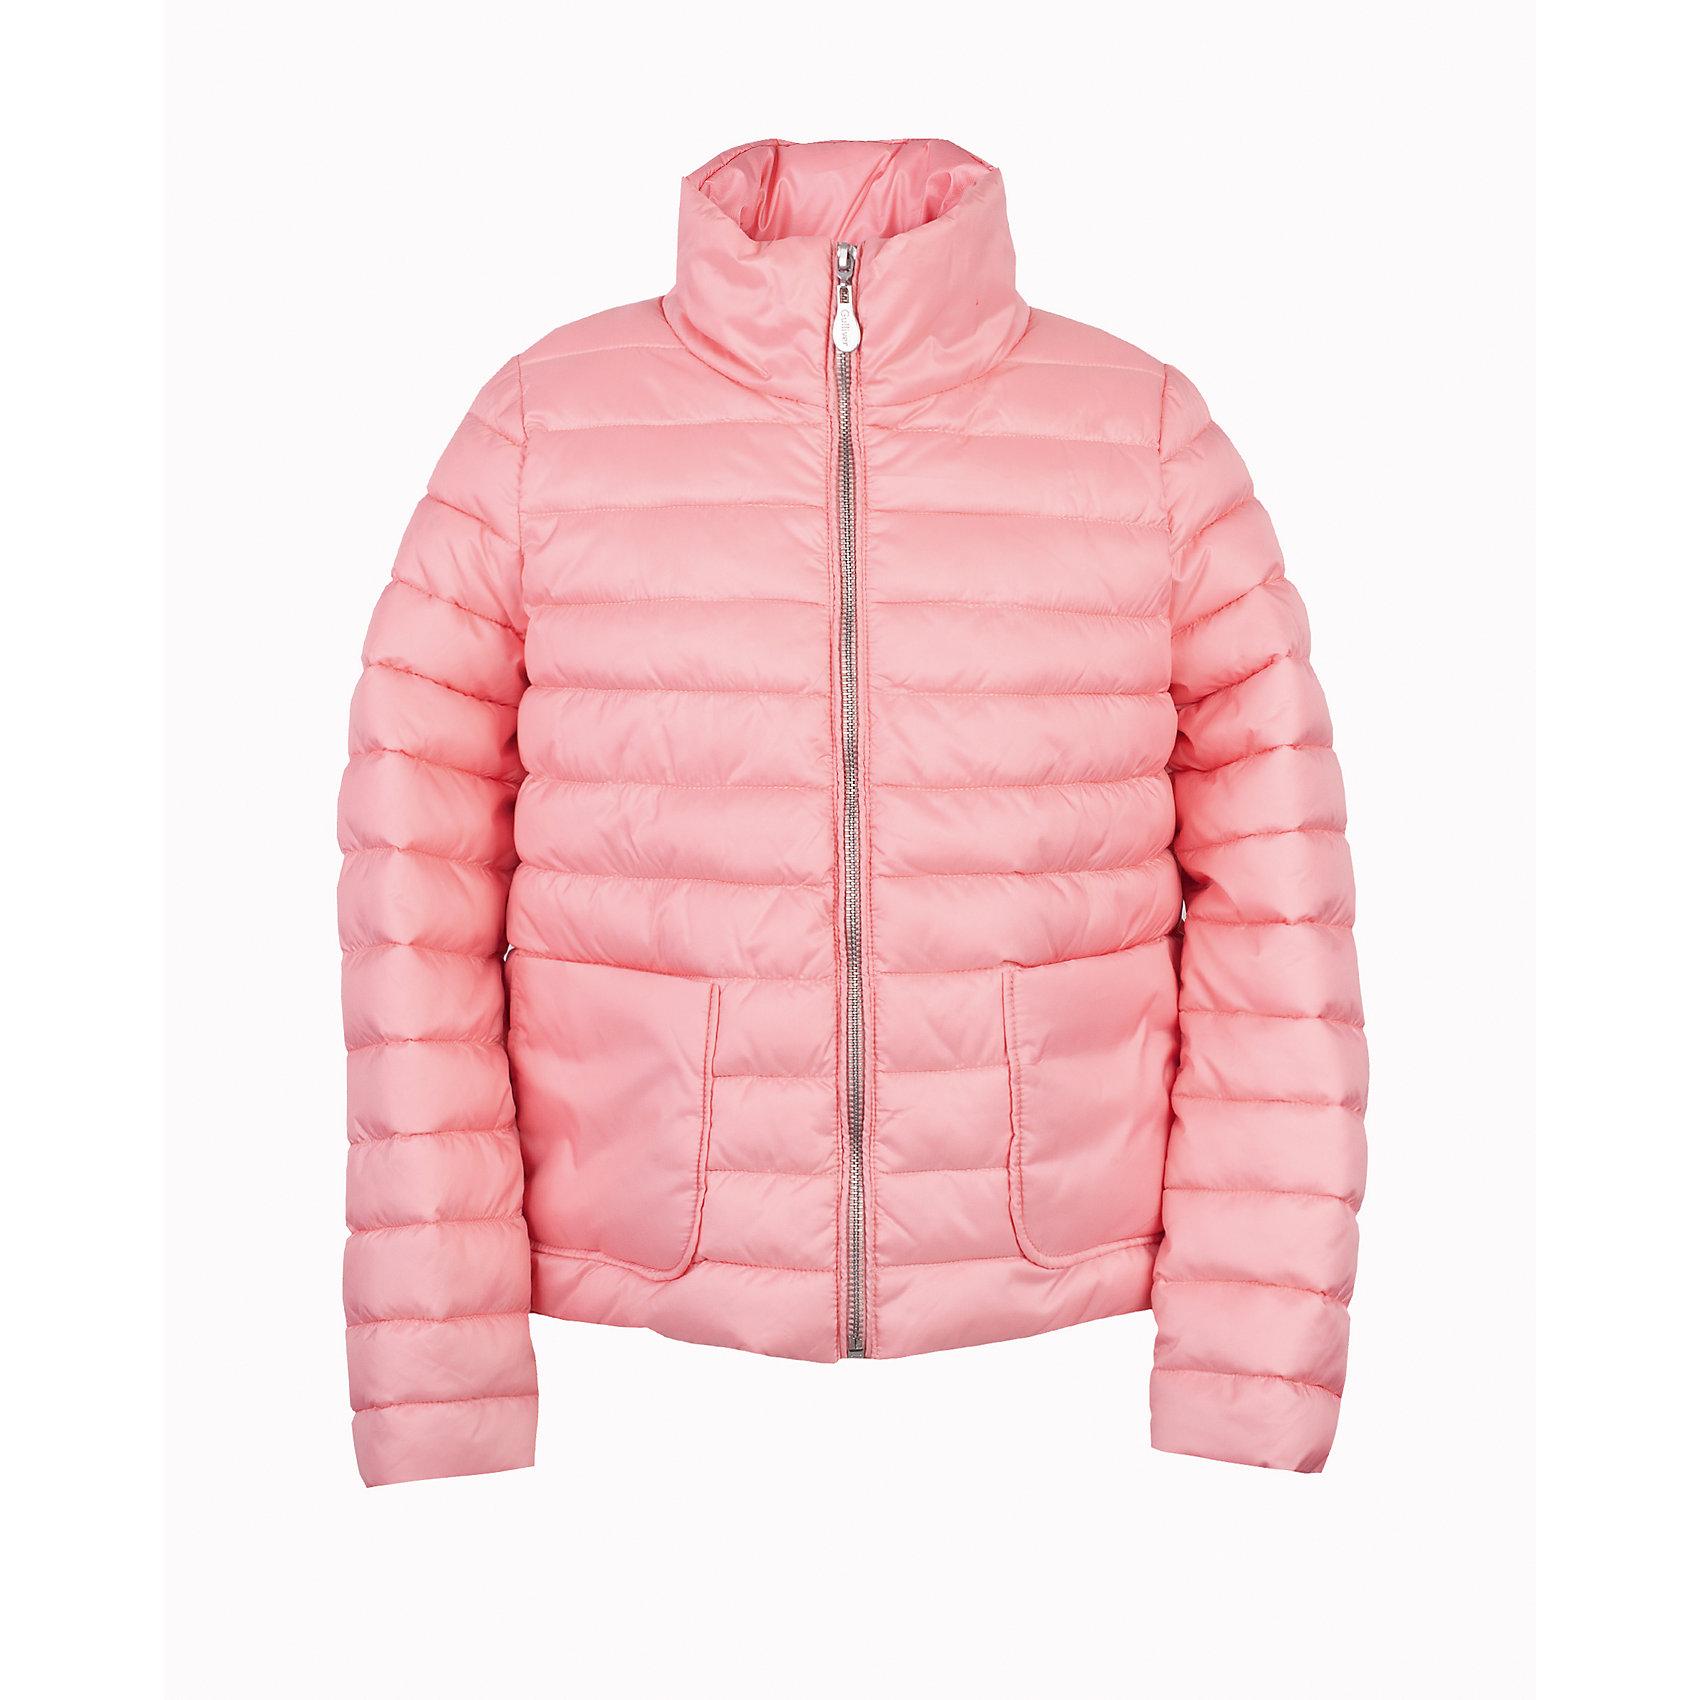 Куртка для девочки GulliverВерхняя одежда<br>Прошли времена, когда детская куртка выполняла исключительно функциональную роль. Сейчас изделию недостаточно быть только удобным и теплым. Куртка для девочки должна быть яркой, элегантной, привлекательной и отражать в полной мере характер и предпочтения юной модницы! Именно такая, стеганая розовая куртка, с удлиненной линией спинки и крупными накладными карманами, может понравиться своей обладательнице. Если вы предпочитаете сформировать весенний гардероб ребенка из светлых, свежих, позитивных вещей, несмотря на непогоду и слякоть, вам стоит купить детскую куртку из коллекции Цветные истории и вы об этом не пожалеете!<br>Состав:<br>верх:               100% полиэстер; подкладка:           50% хлопок       50% полиэстер; утеплитель: иск.пух          100% полиэстер<br><br>Ширина мм: 356<br>Глубина мм: 10<br>Высота мм: 245<br>Вес г: 519<br>Цвет: розовый<br>Возраст от месяцев: 108<br>Возраст до месяцев: 120<br>Пол: Женский<br>Возраст: Детский<br>Размер: 140,122,128,134<br>SKU: 5484143